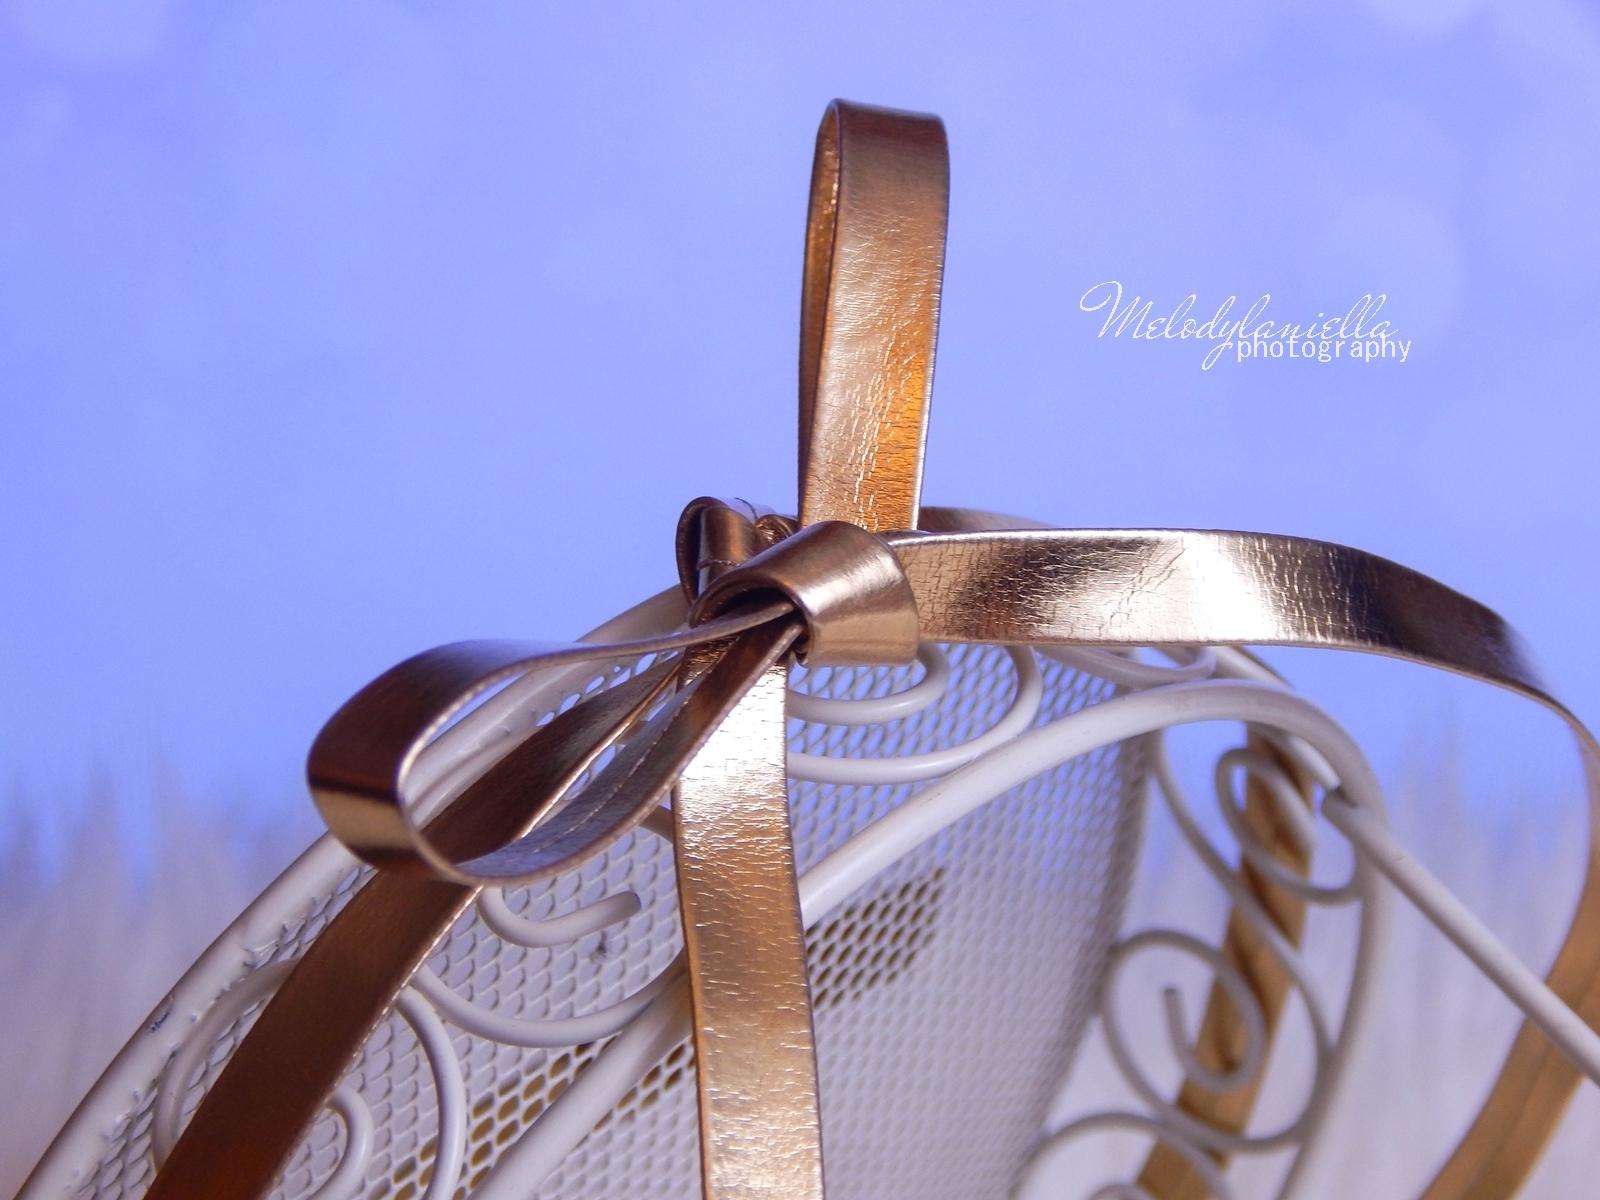 13 Biżuteria z chińskich sklepów sammydress kolczyk nausznica naszyjnik wisiorki z kryształkiem świąteczna biżuteria ciekawe dodatki stylowe zegarki pióra choker chokery złoty srebrny złoto srebro obelisk